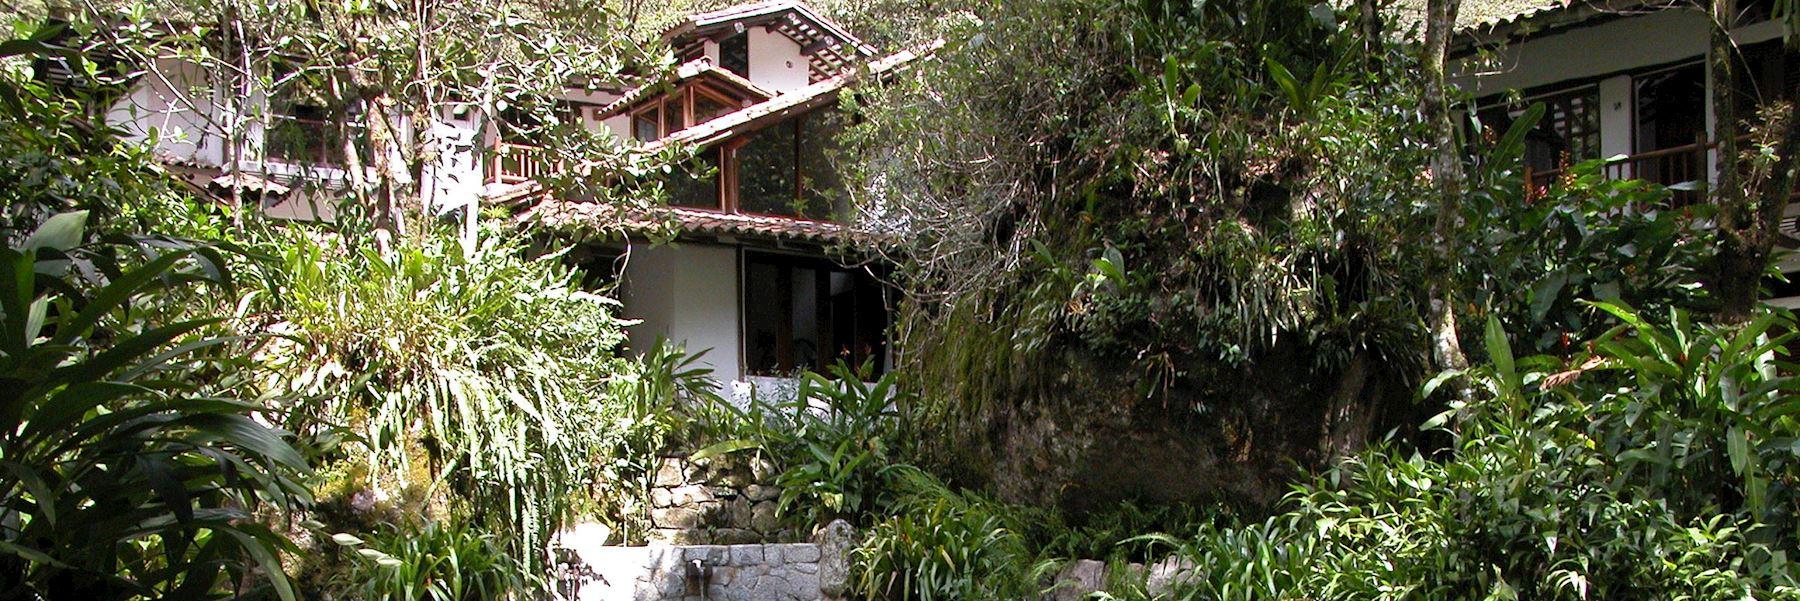 Inkaterra Machu Picchu